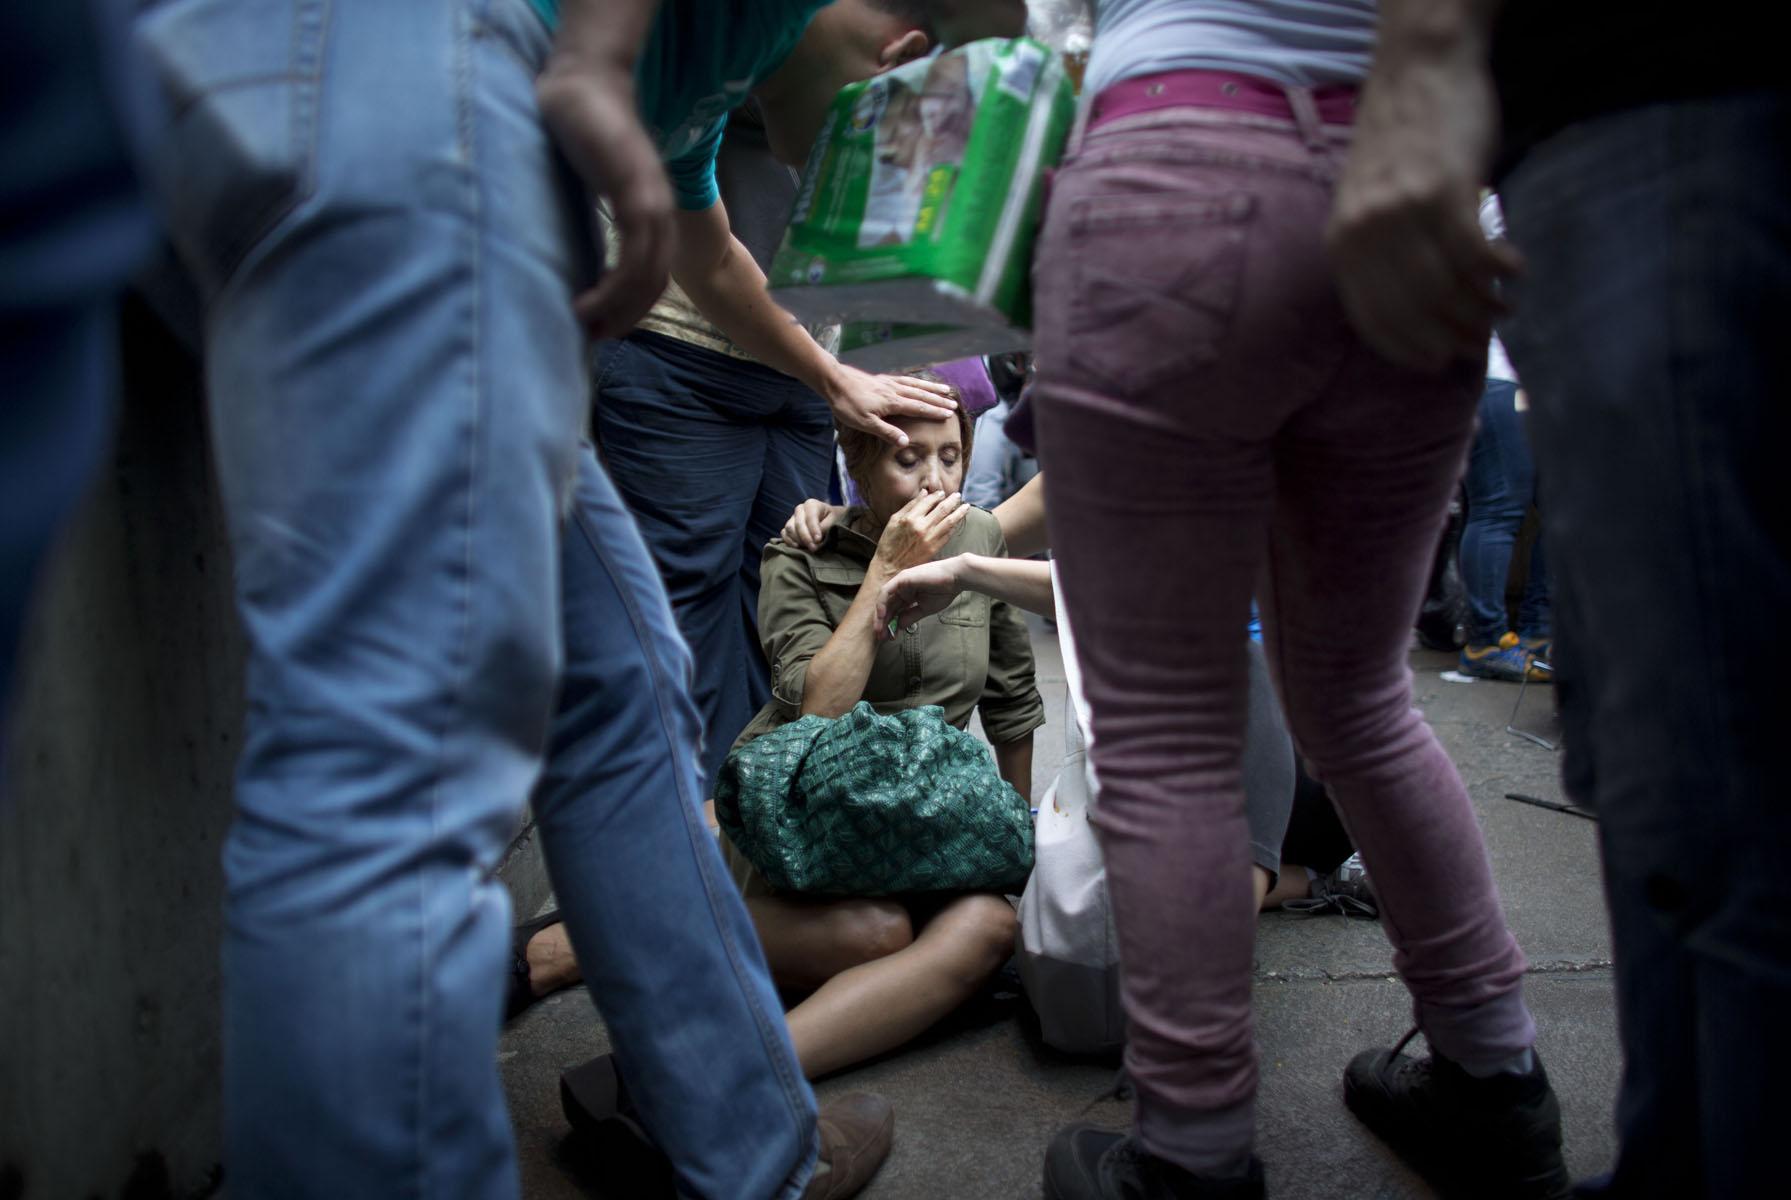 En esta fotografía del 5 de mayo de 2016, Irama Carrero recibe asistencia de otras personas después de desmayarse mientras estaba formada en una fila afuera de una tienda de Caracas, Venezuela. Carrero, quien dijo que no había comido ese día, pasó horas formada en la fila para ancianos cuando se desmayó. Nadie detuvo su caída y su cabeza pegó en el piso de concreto. Cuando recuperó la conciencia, comenzó a vomitar. (AP Foto/Ariana Cubillos)